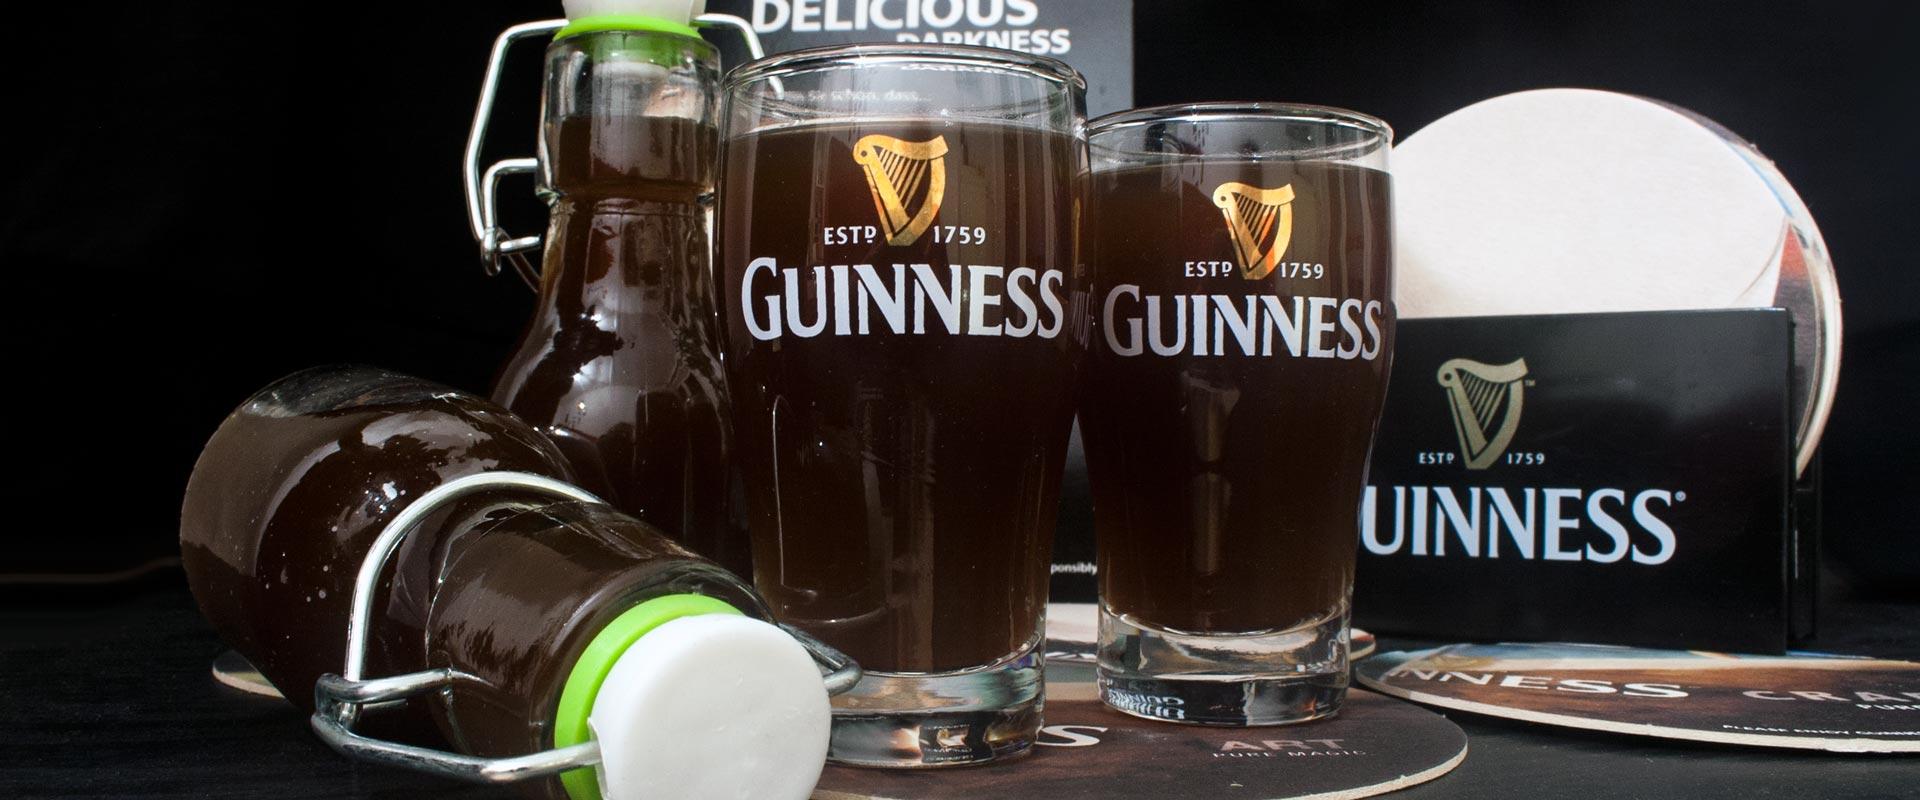 Guinness-Likör